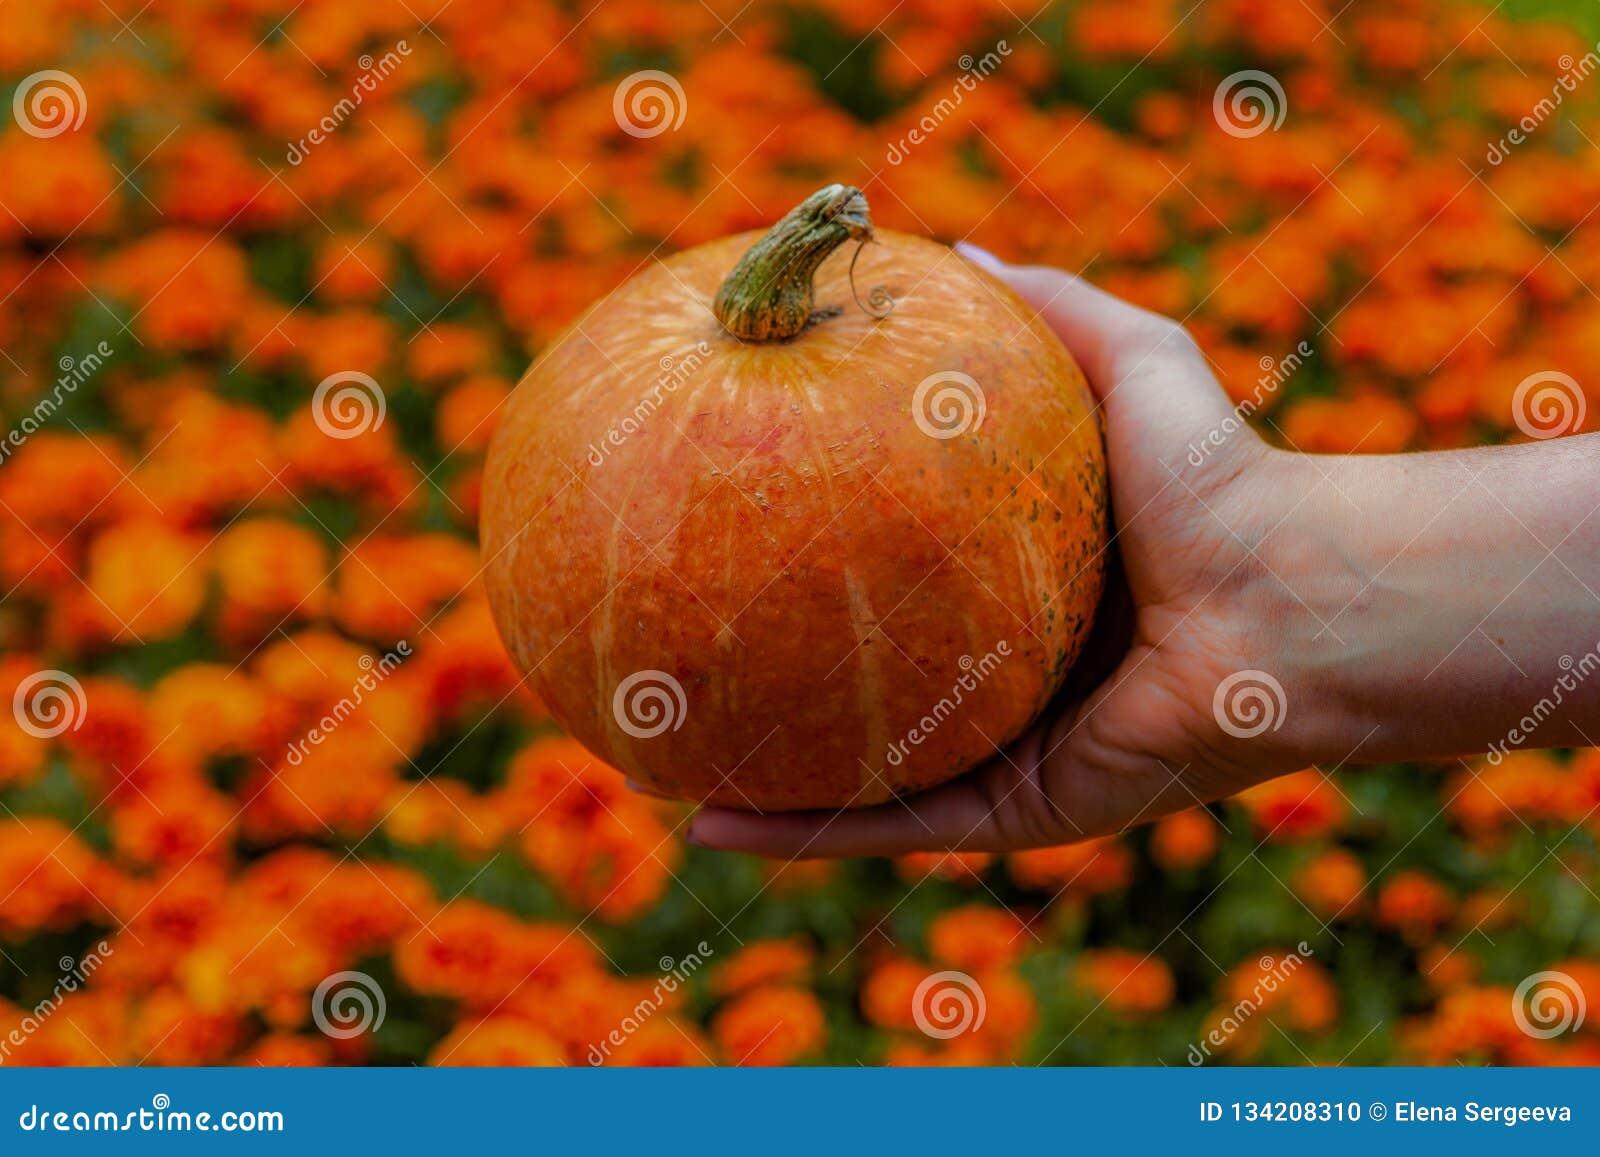 Pumpkin in hands